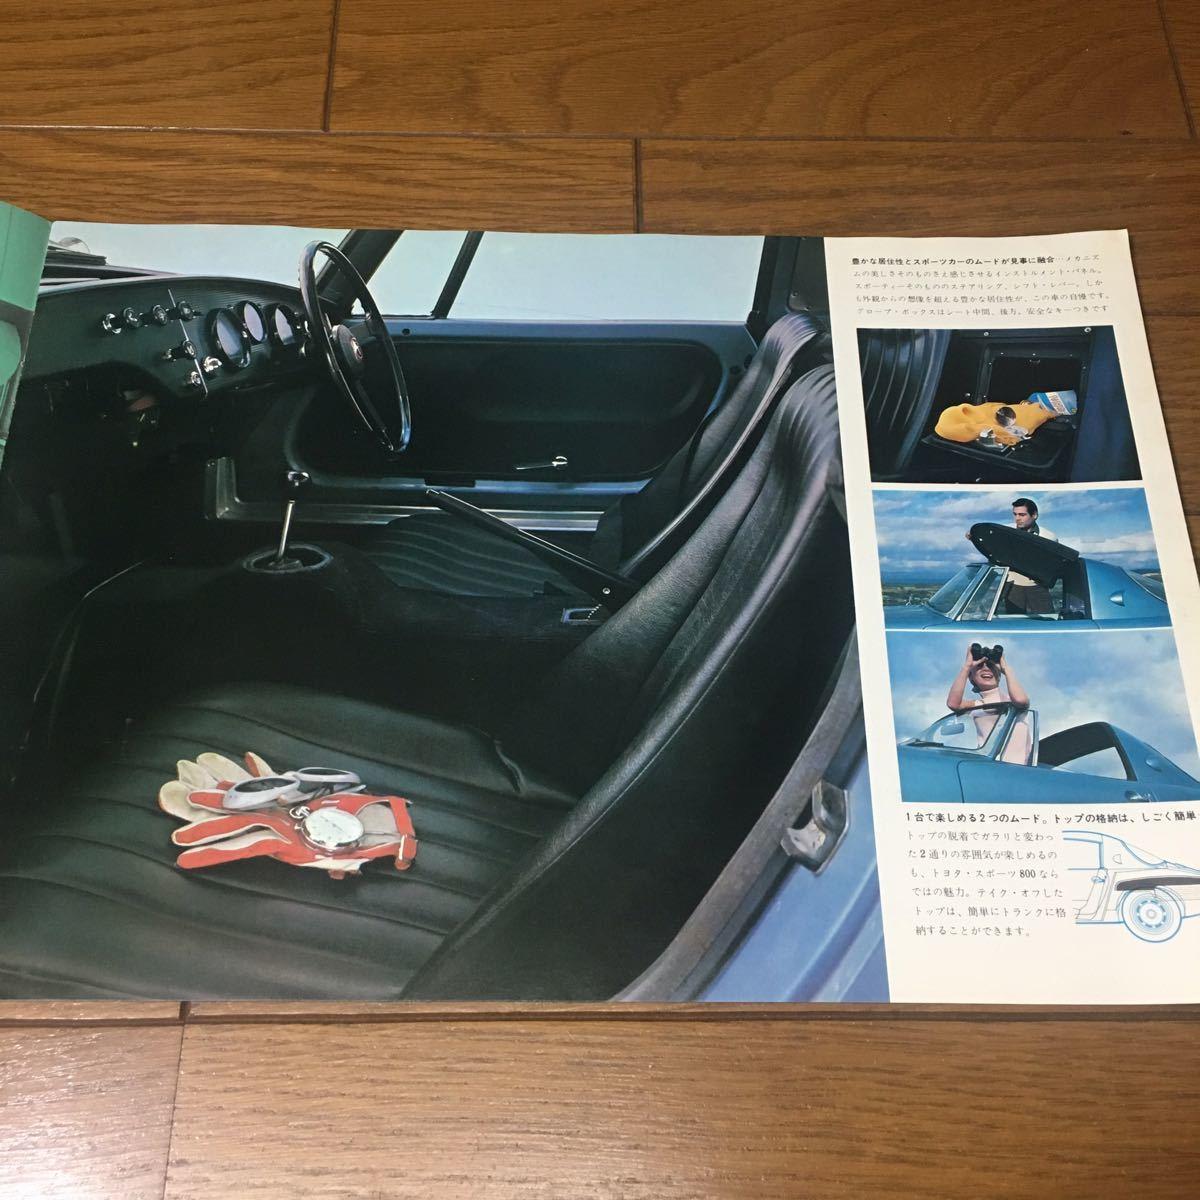 復刻版ではございません 絶版 旧車カタログ トヨタ スポーツ800 超貴重な青表示 当時物 昭和 希少滅多にでてきません。_画像4